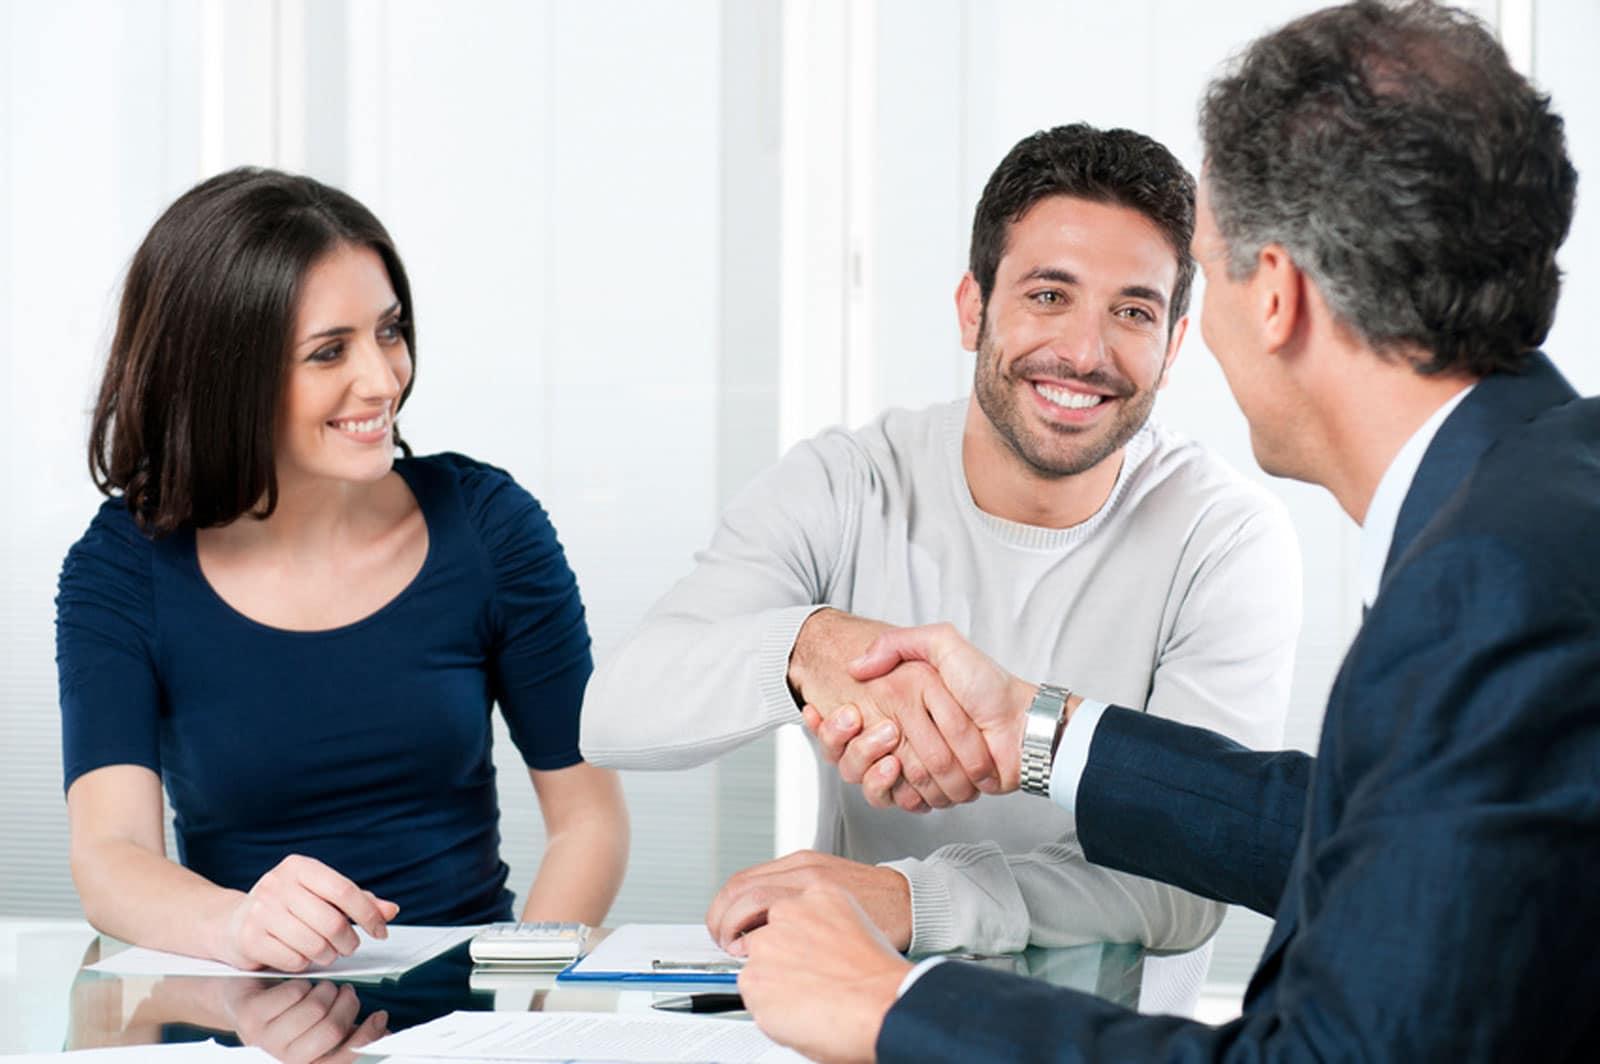 Verkaufsgespräch: So erleichtern Sie sich den Verkaufsabschluss